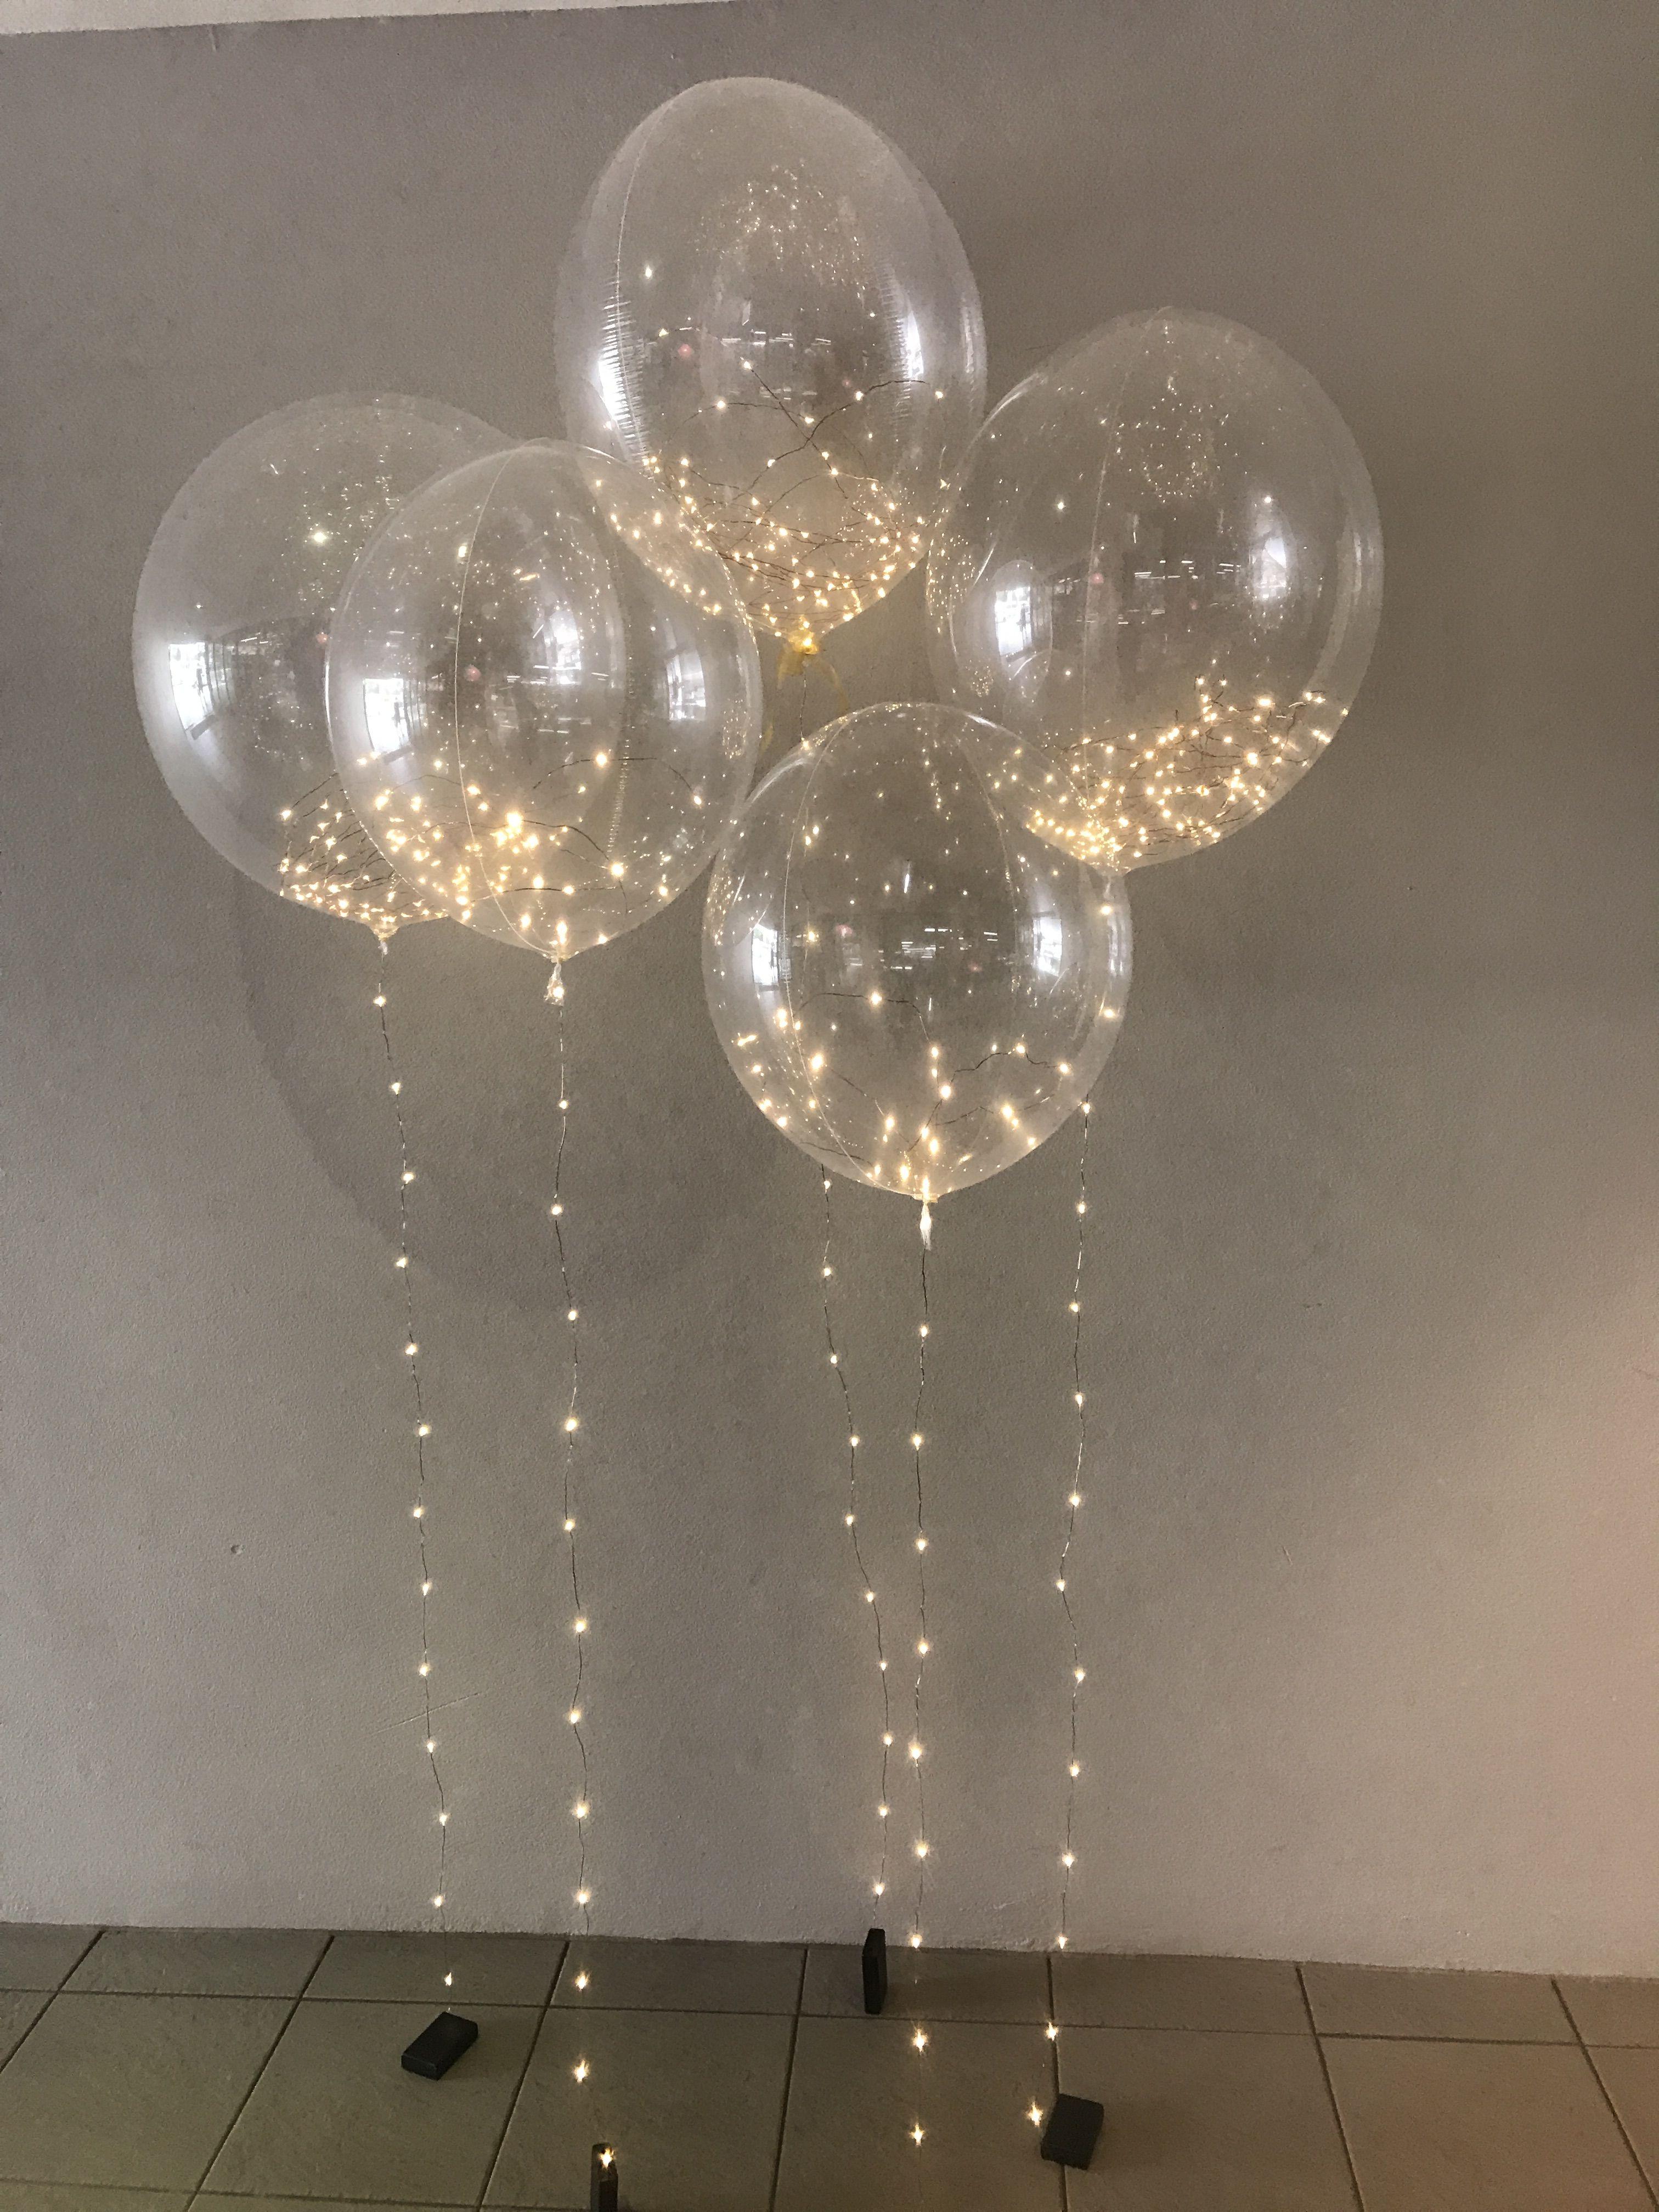 Luftballons fr eine traumhafte Location hochzeit